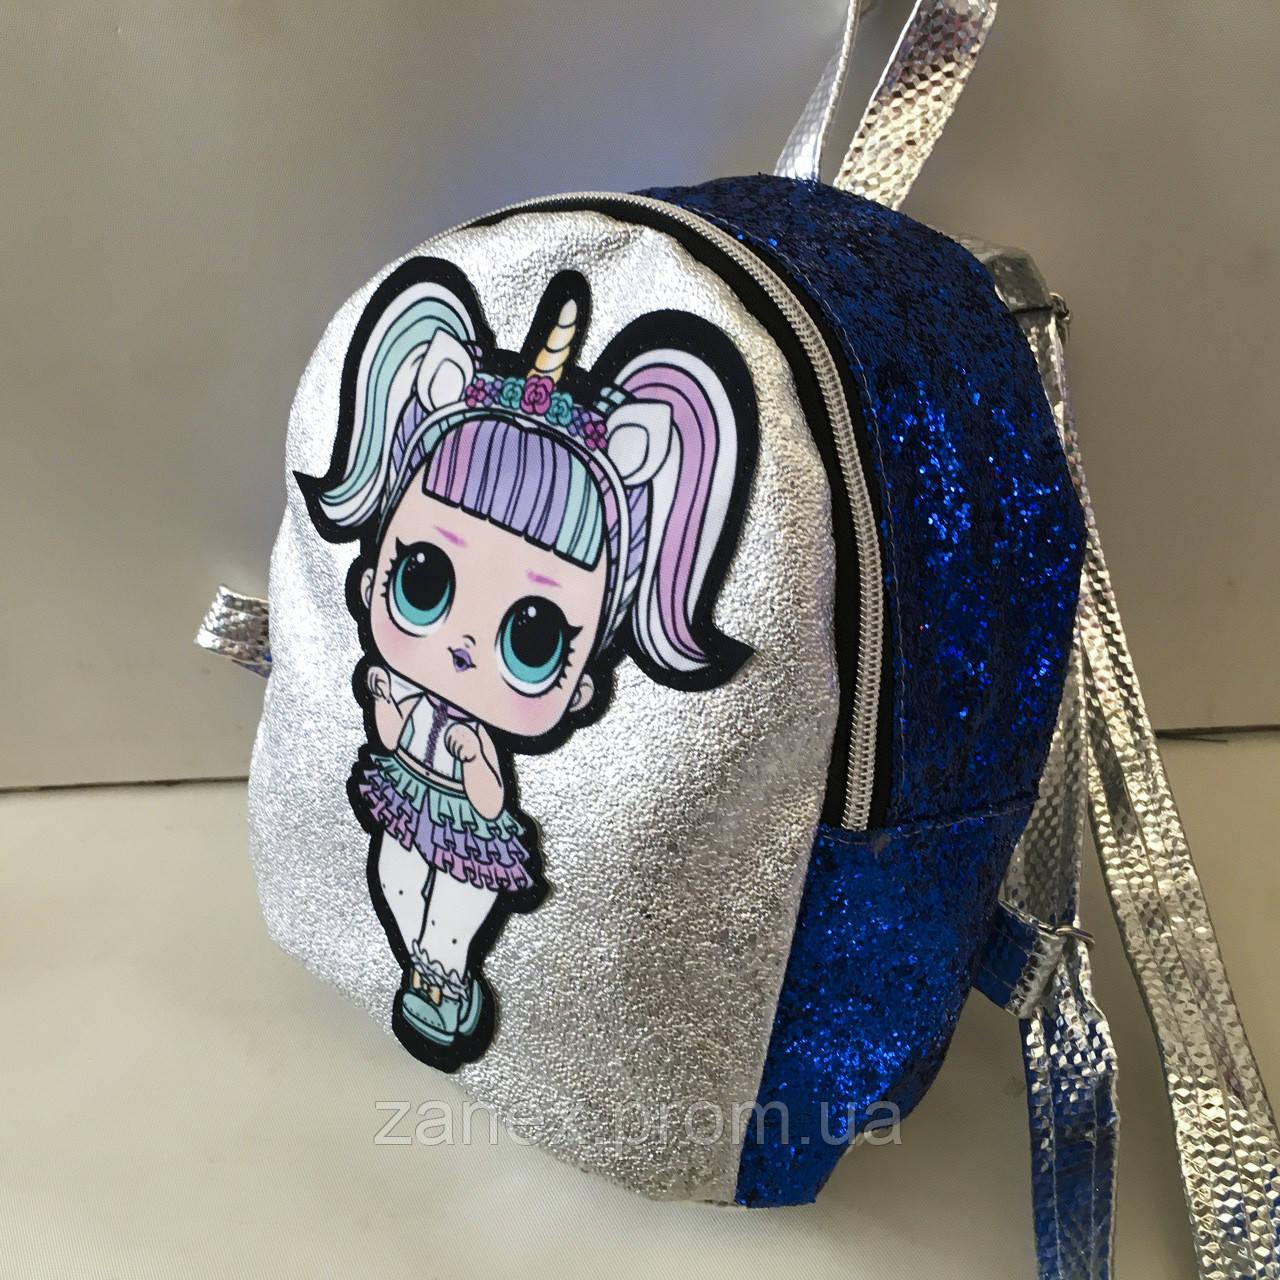 Женский синий рюкзак Zanex из эко-кожи с куклой LOL Sisters 20 х 21 см